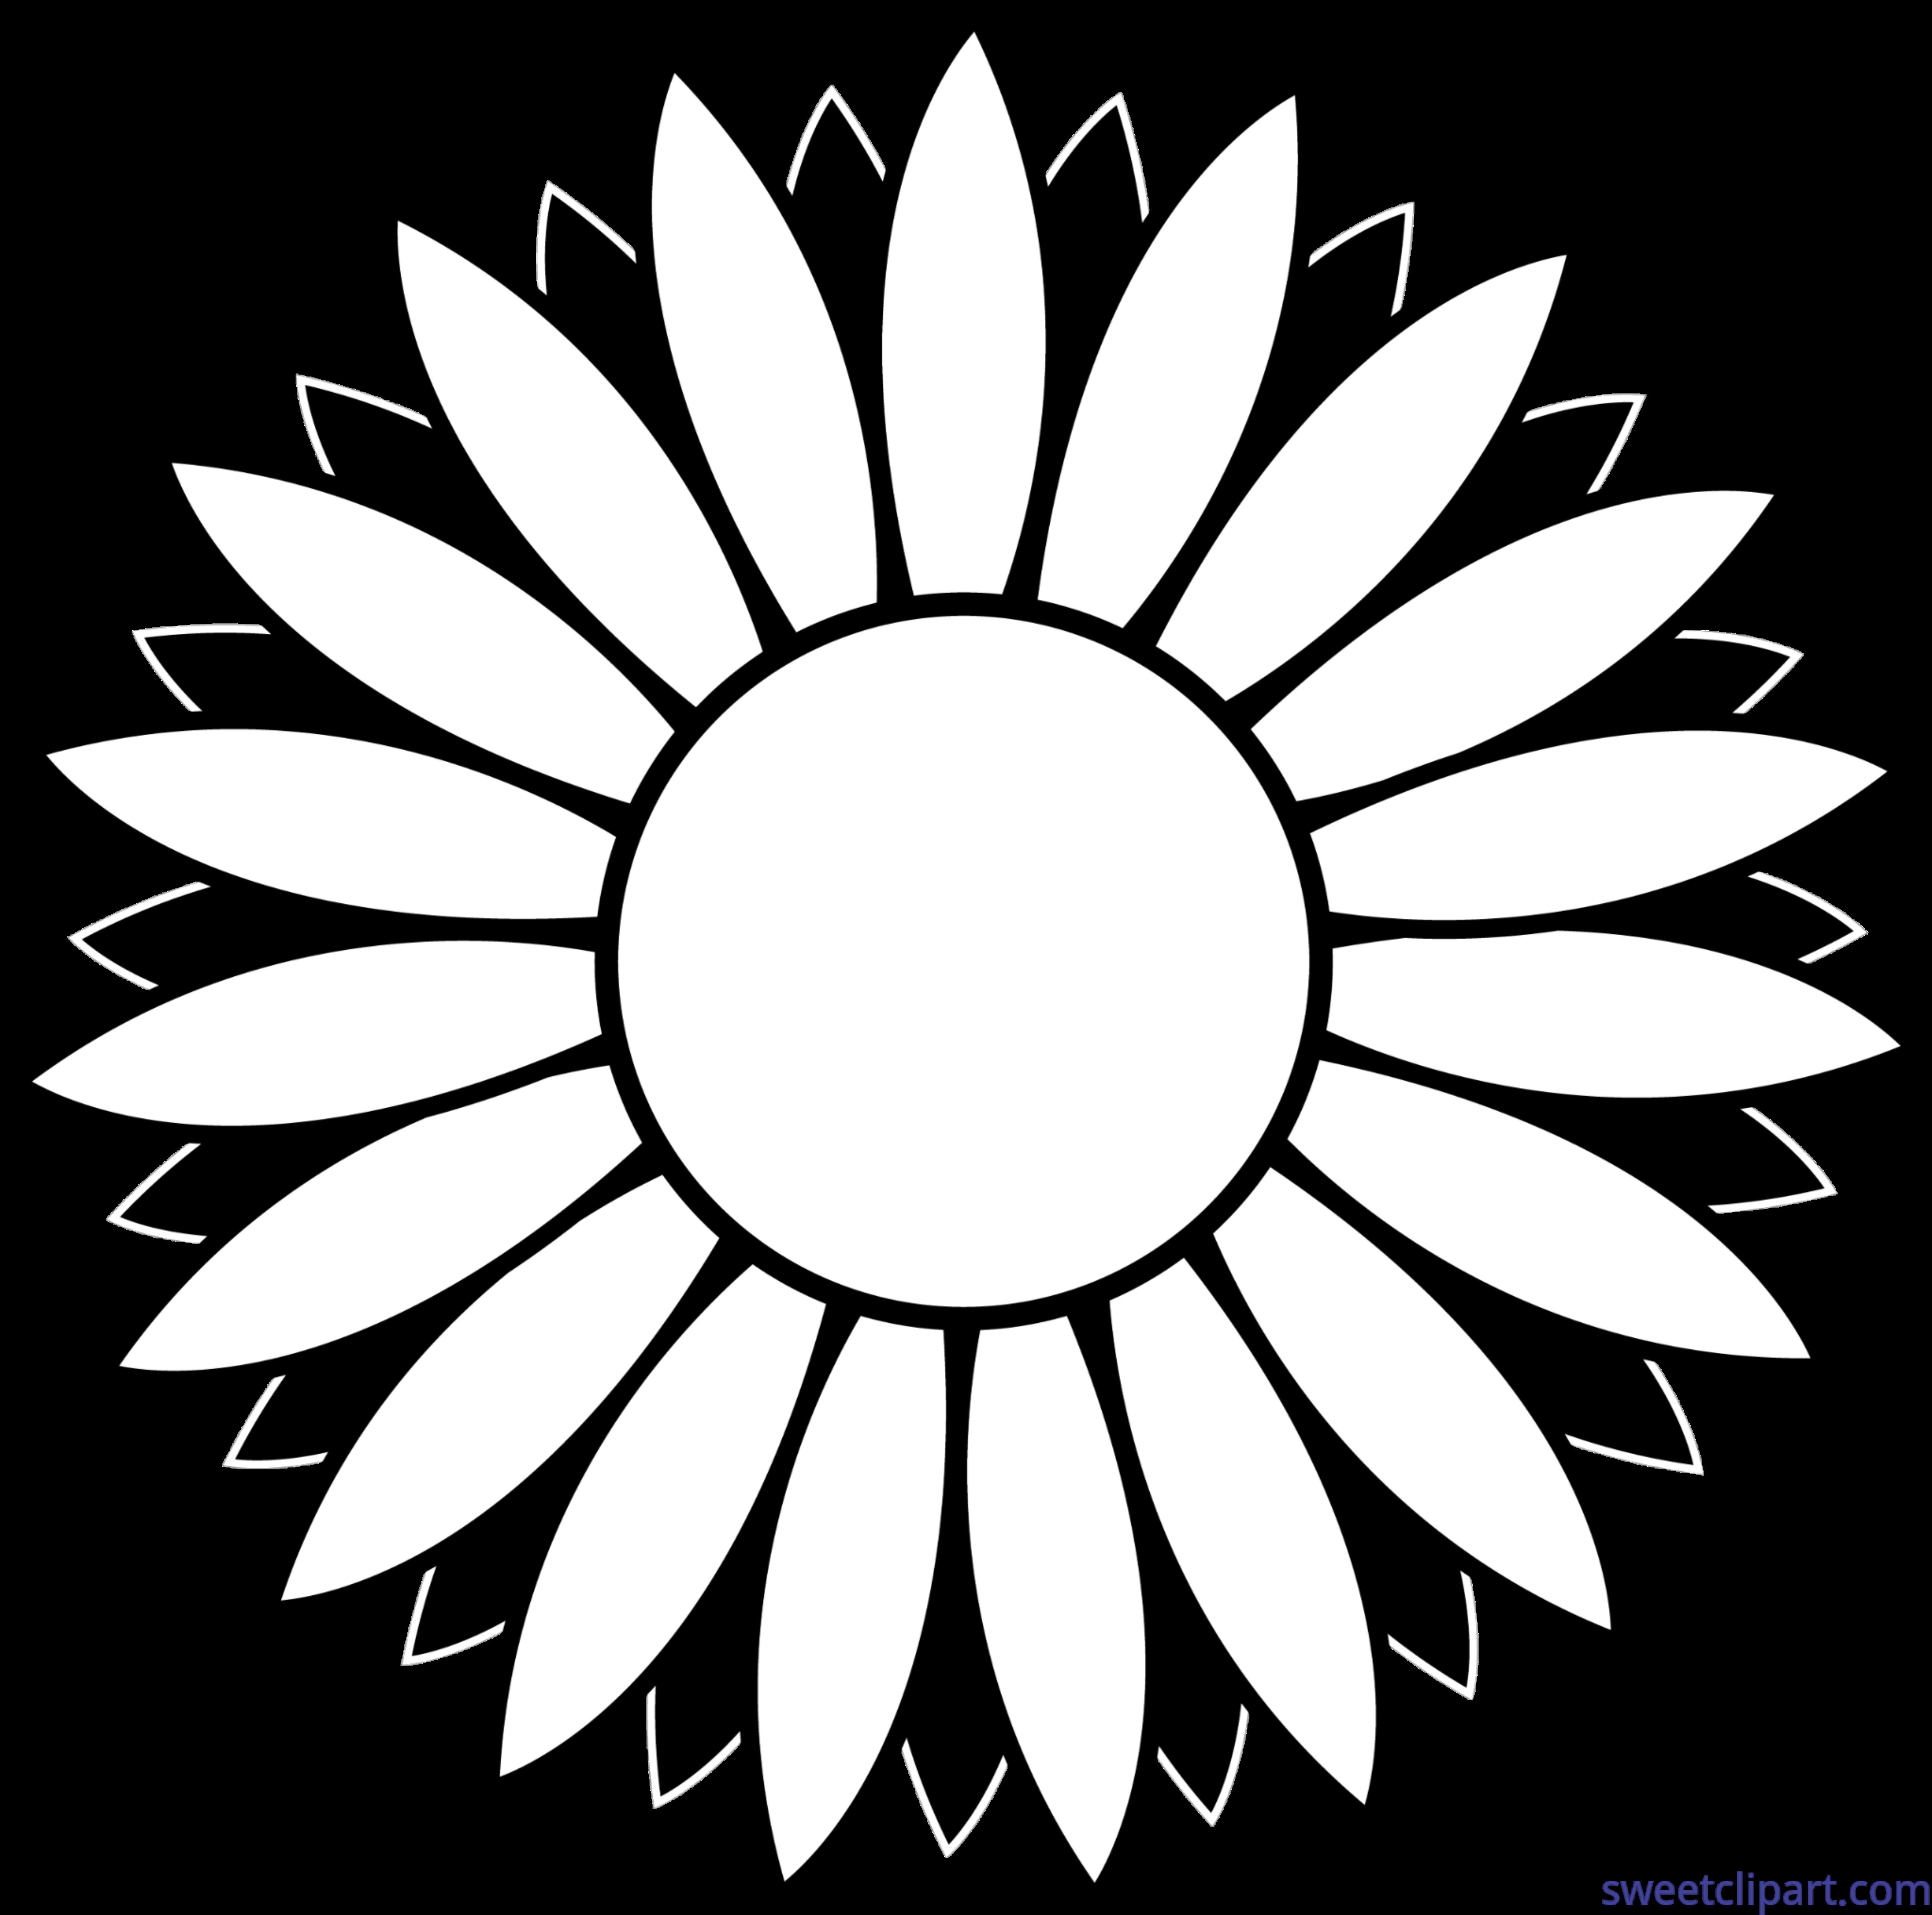 Flower Sunflower Black And White Lineart Clip Art Sweet Clip Art